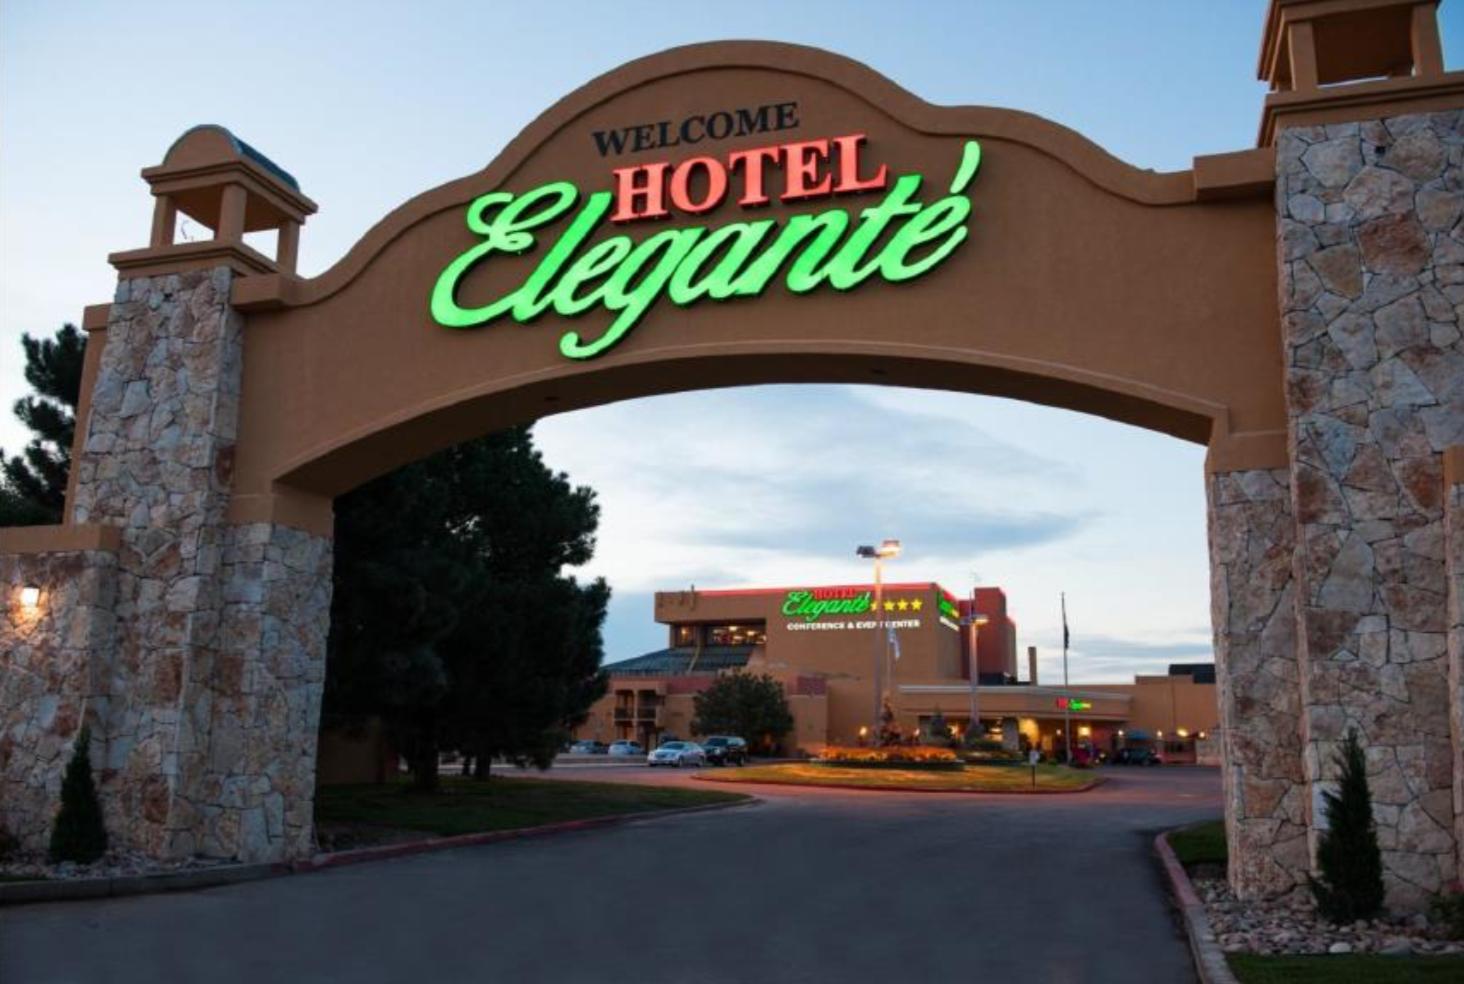 Elegante Hotel Entrance